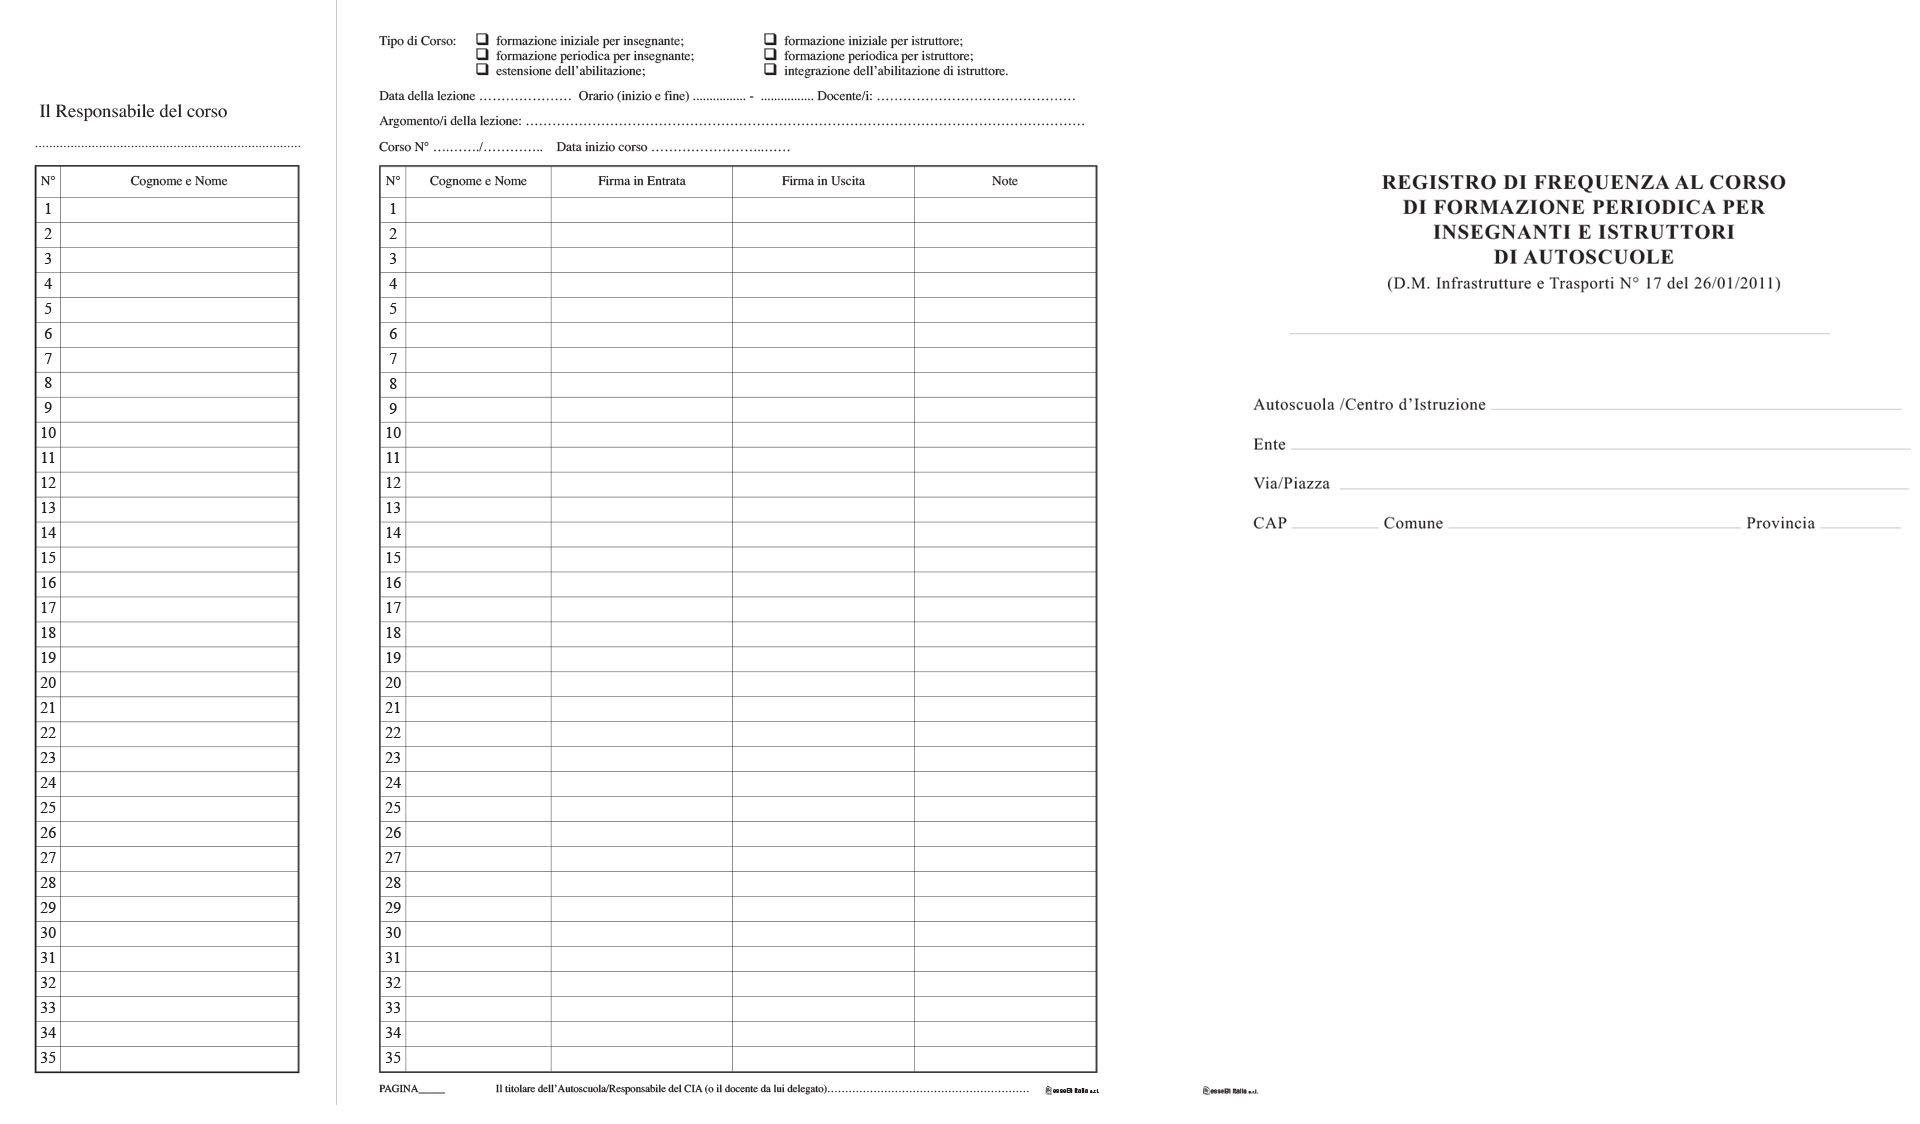 Registri Freq Periodica 2